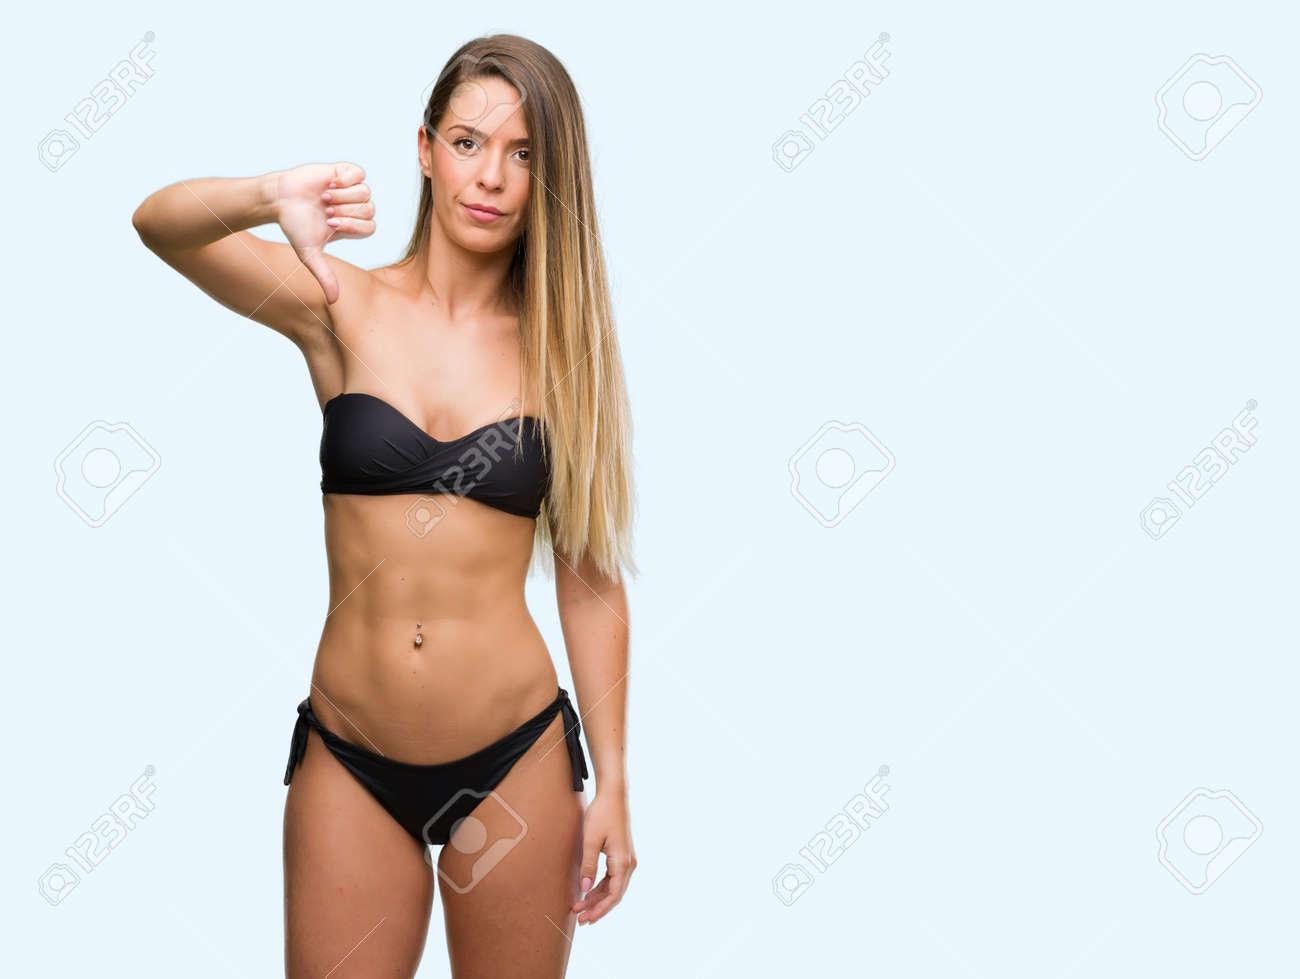 junge-bikini-daumen-nackte-maedchen-entwarfen-buesche